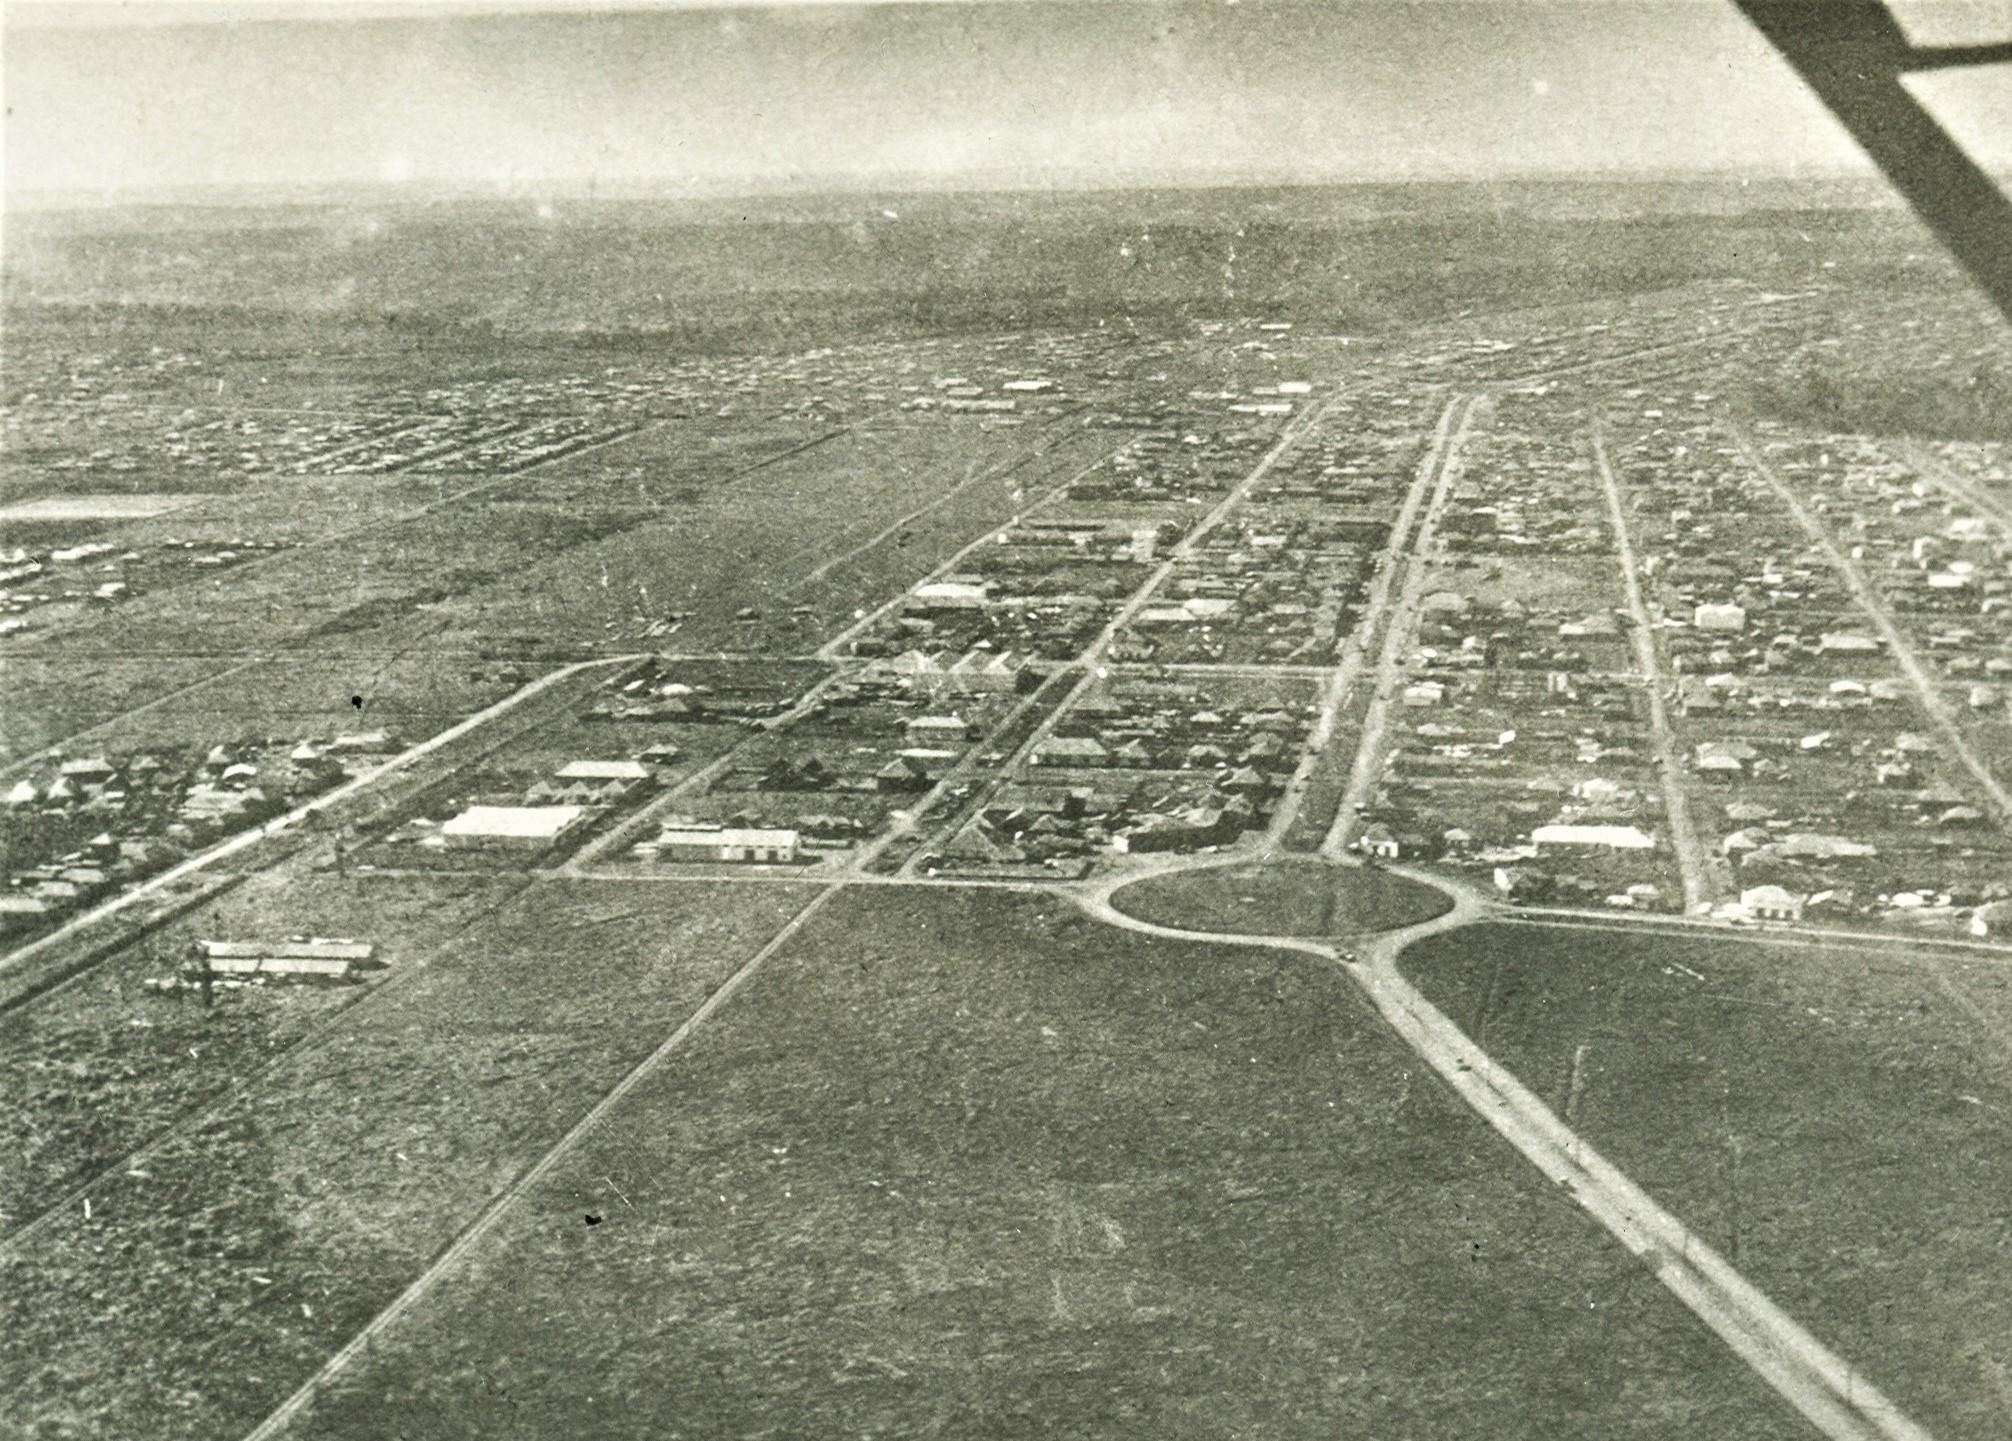 Vista aérea - Final dos anos 1940